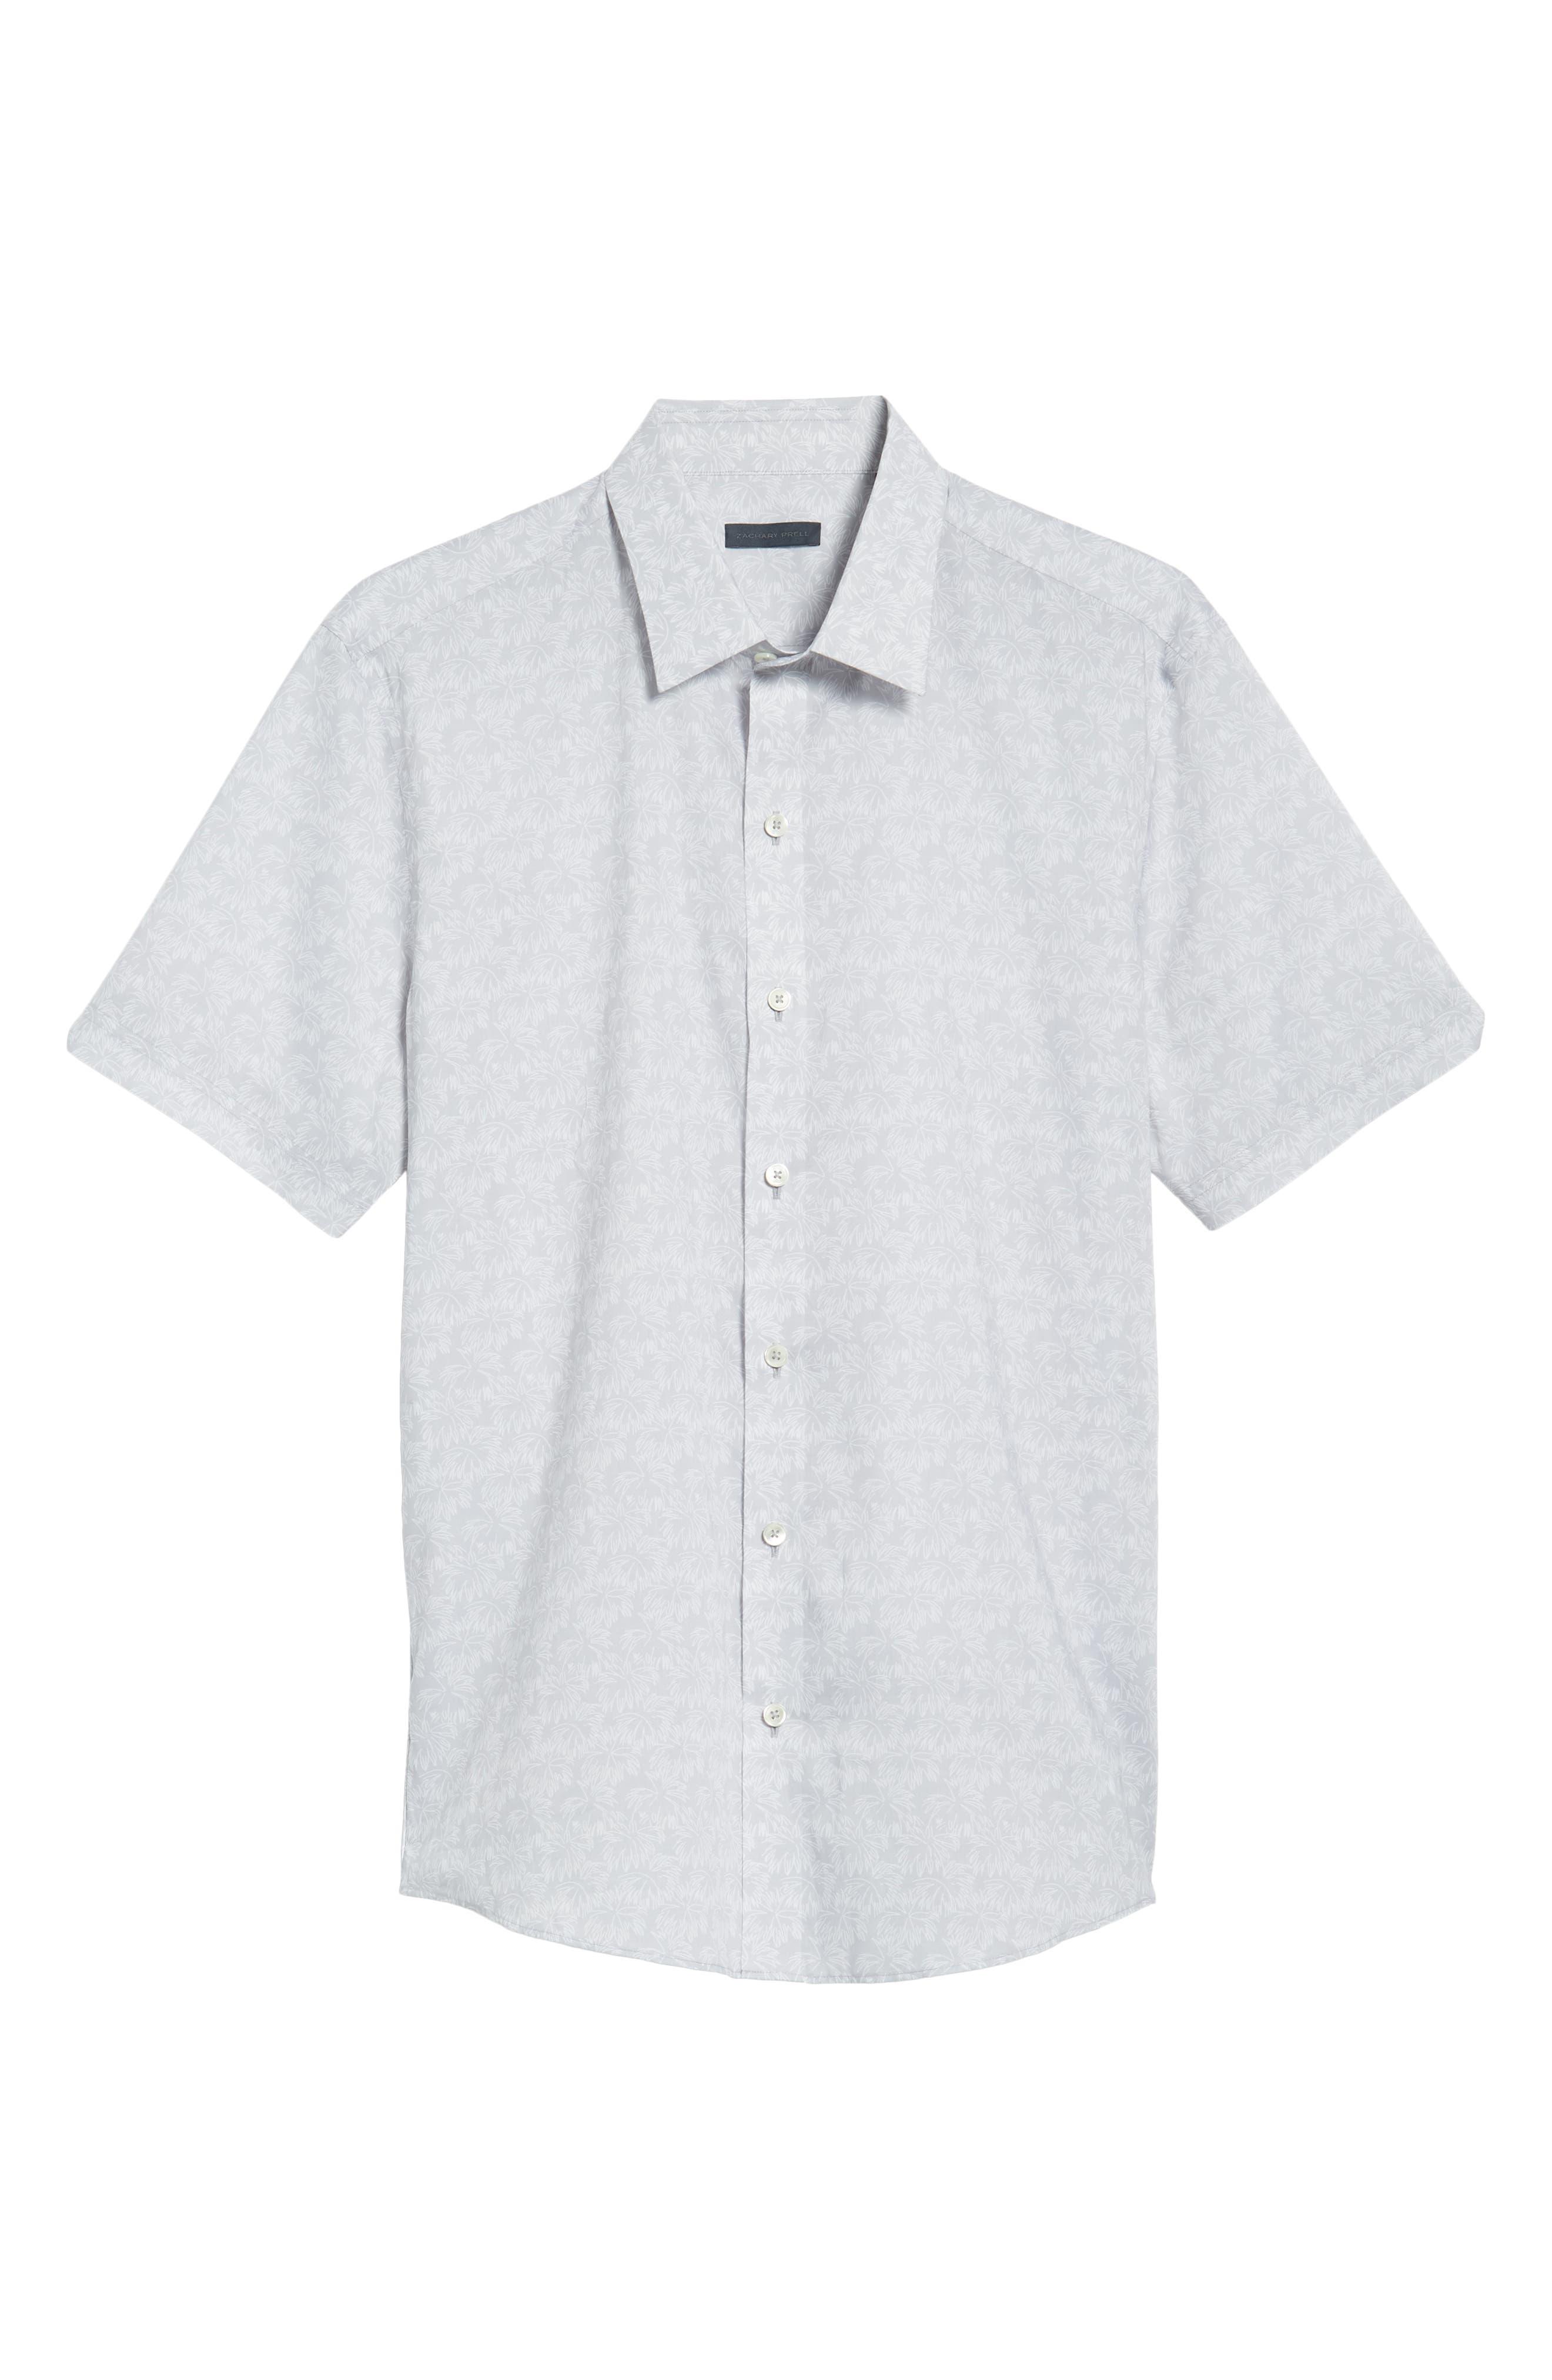 Slenske Trim Fit Sport Shirt,                             Alternate thumbnail 6, color,                             Light Grey